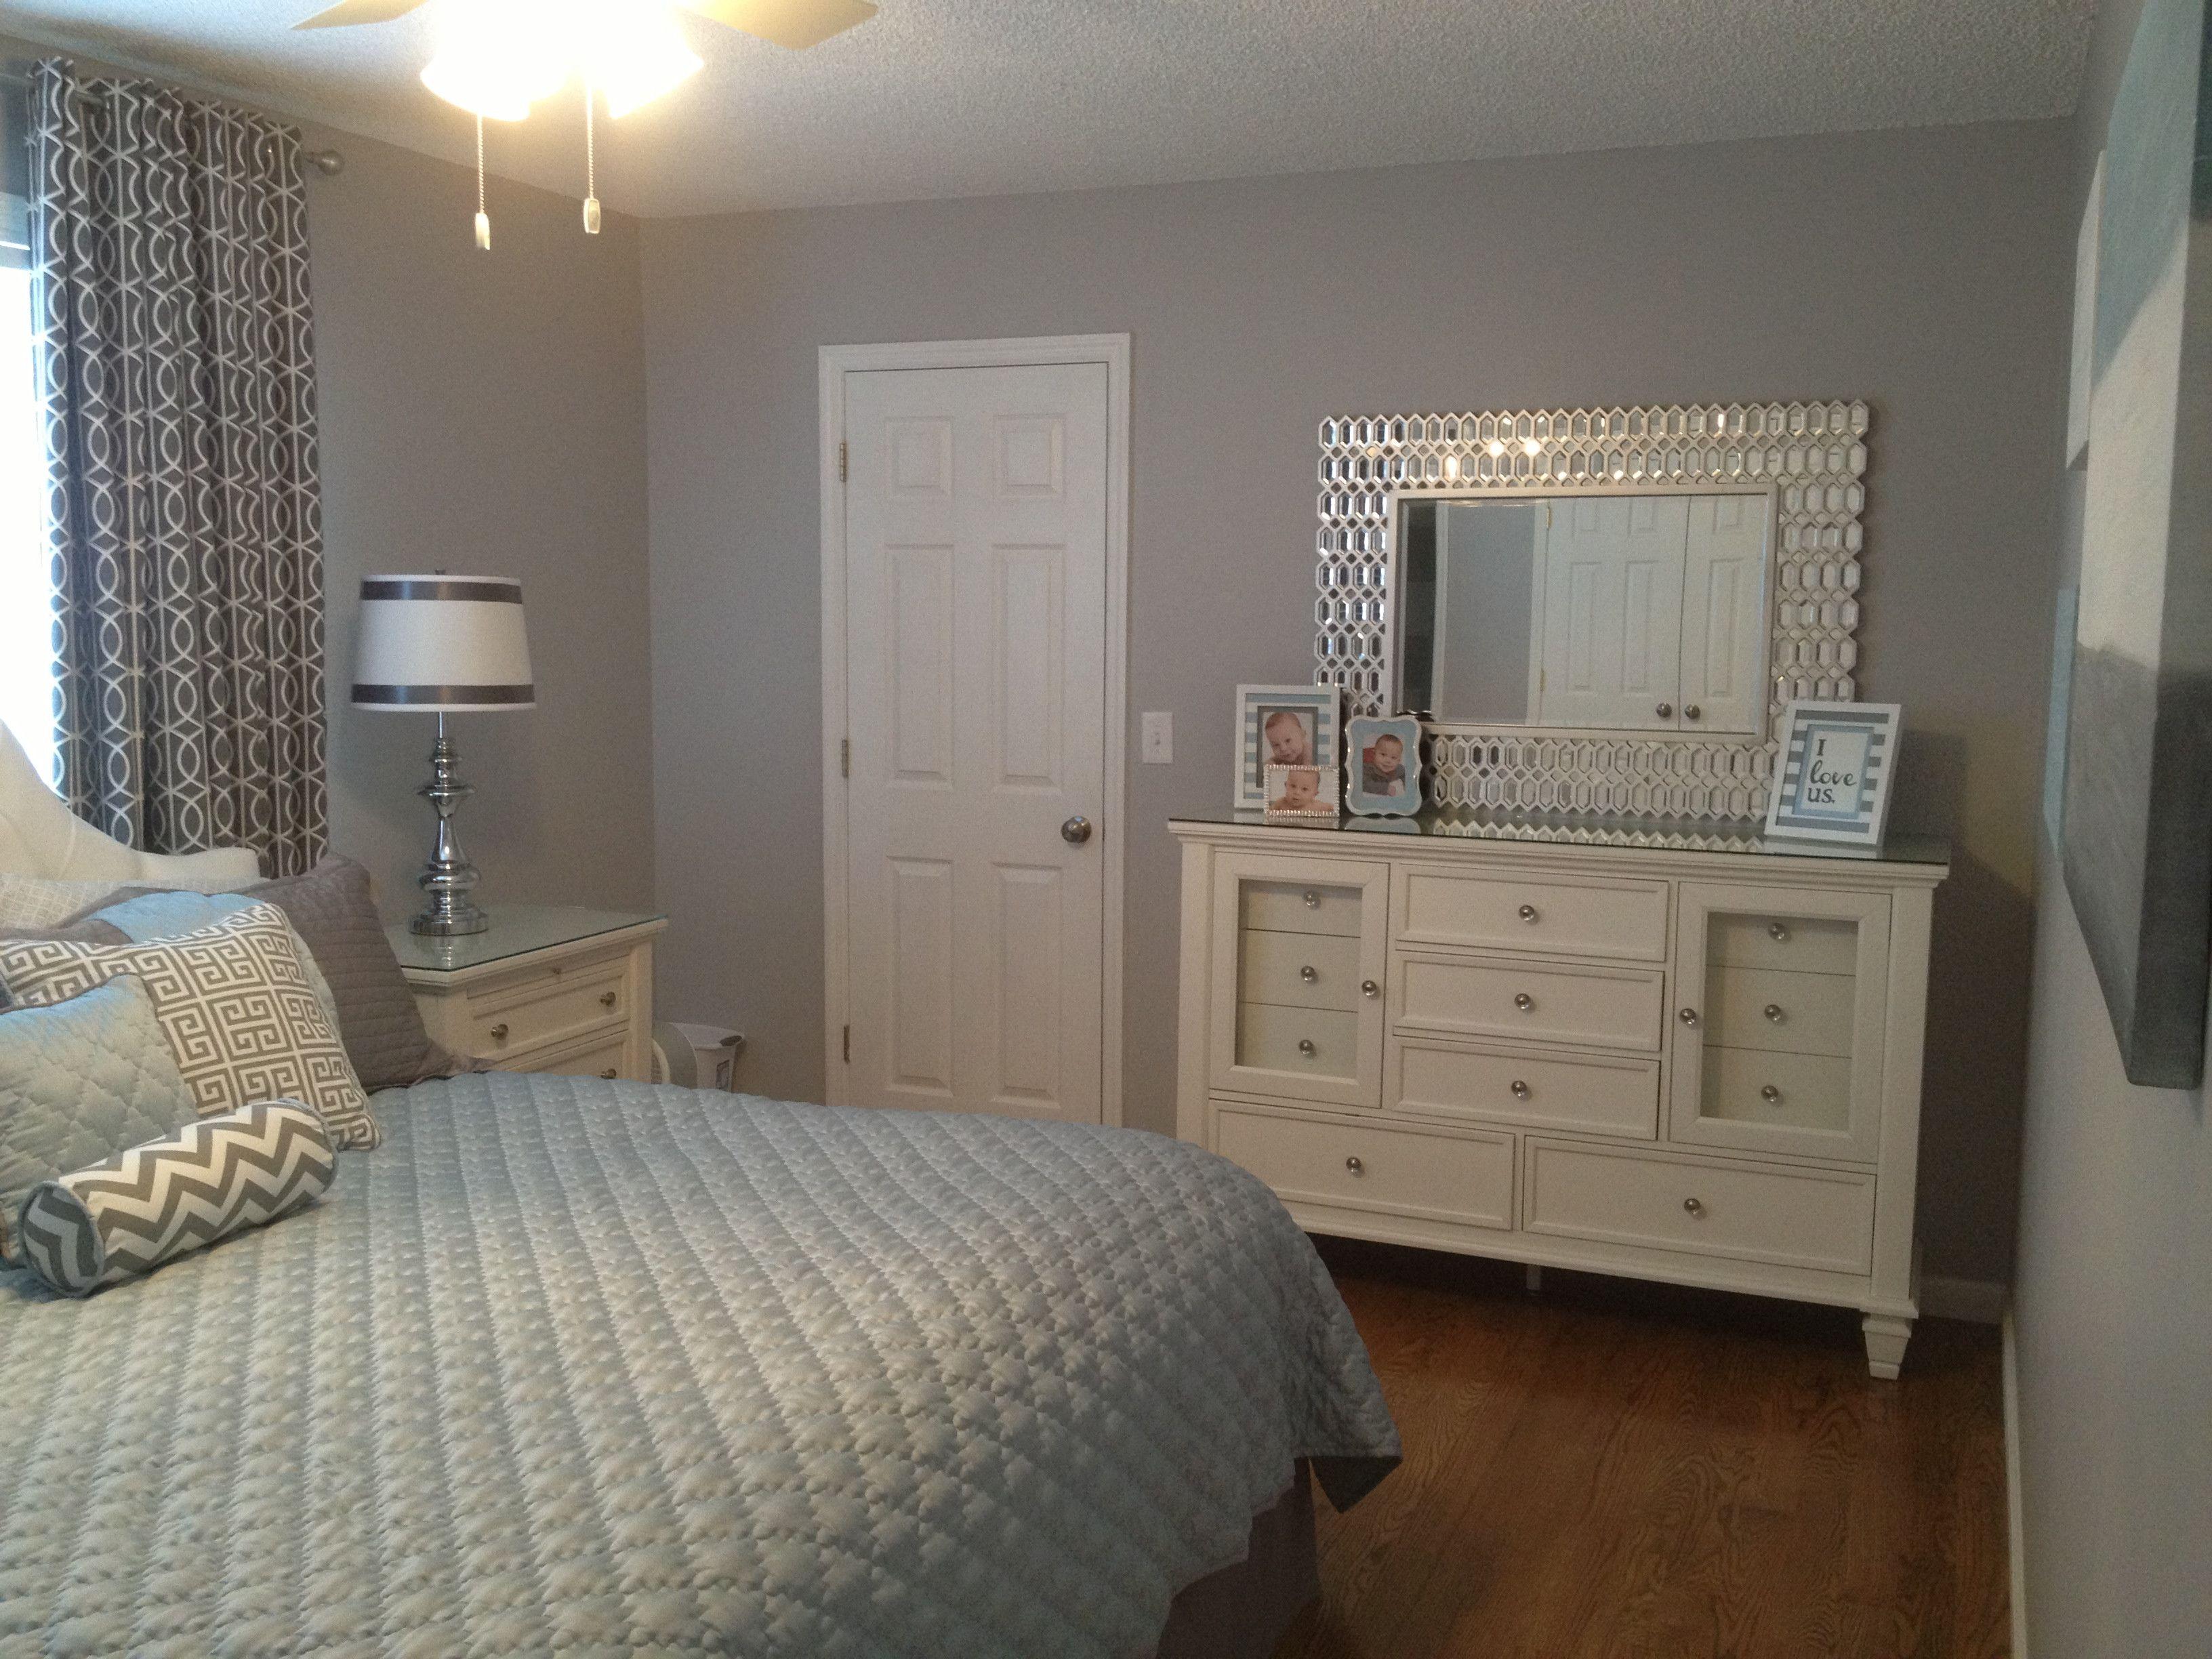 49 Frisch Grau Und Blau Schlafzimmer Blaues schlafzimmer